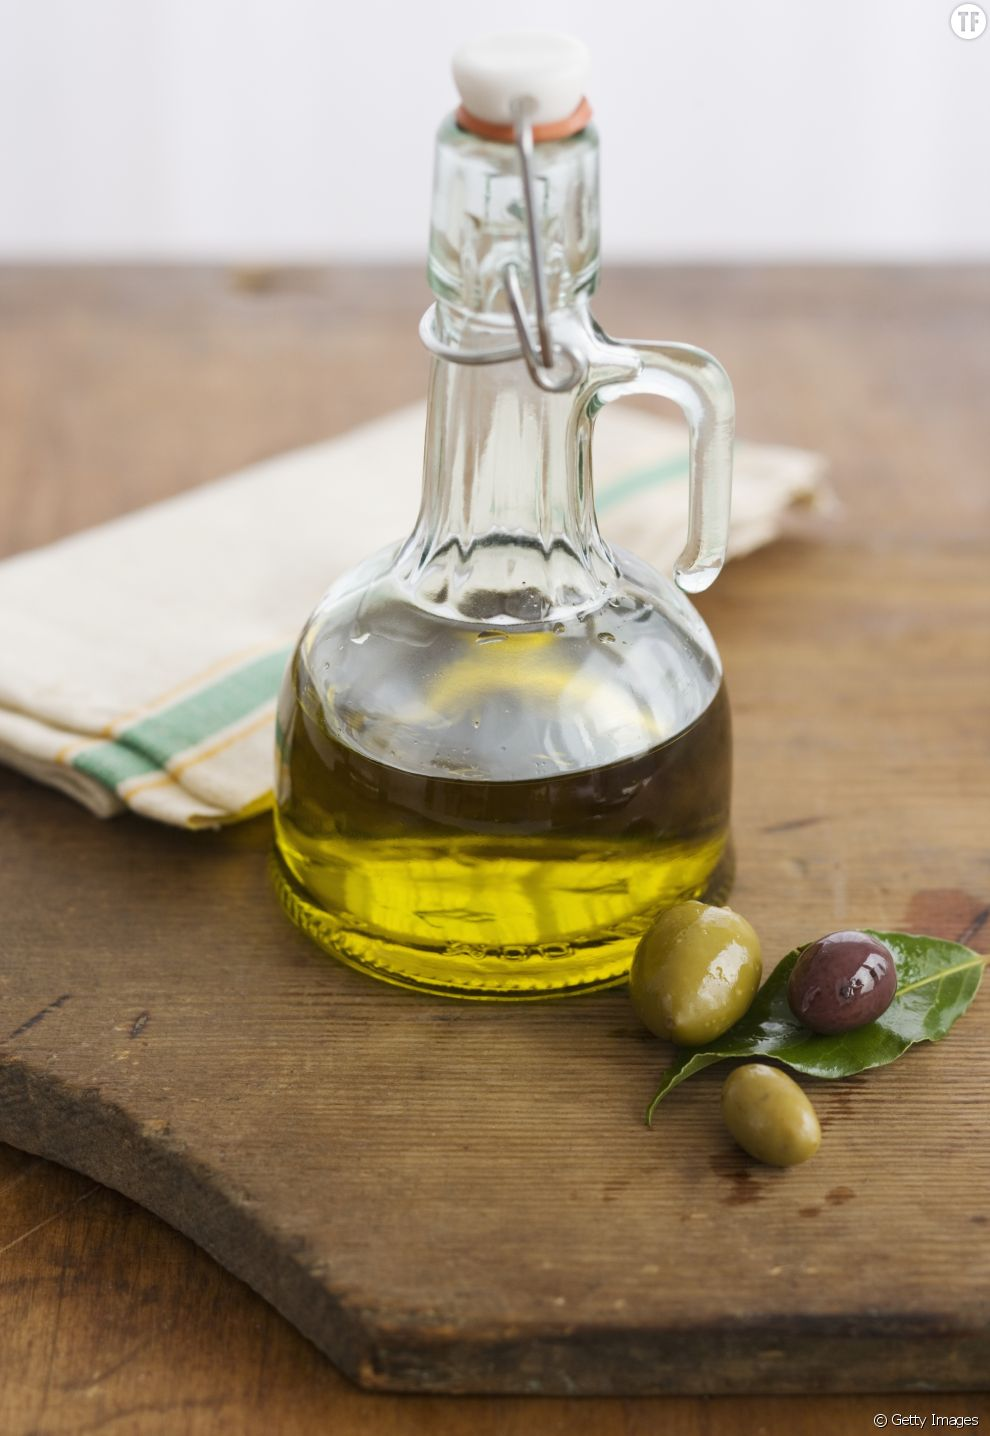 L'huile d'olive, l'astuce magique pour faire sécher ses ongles ?